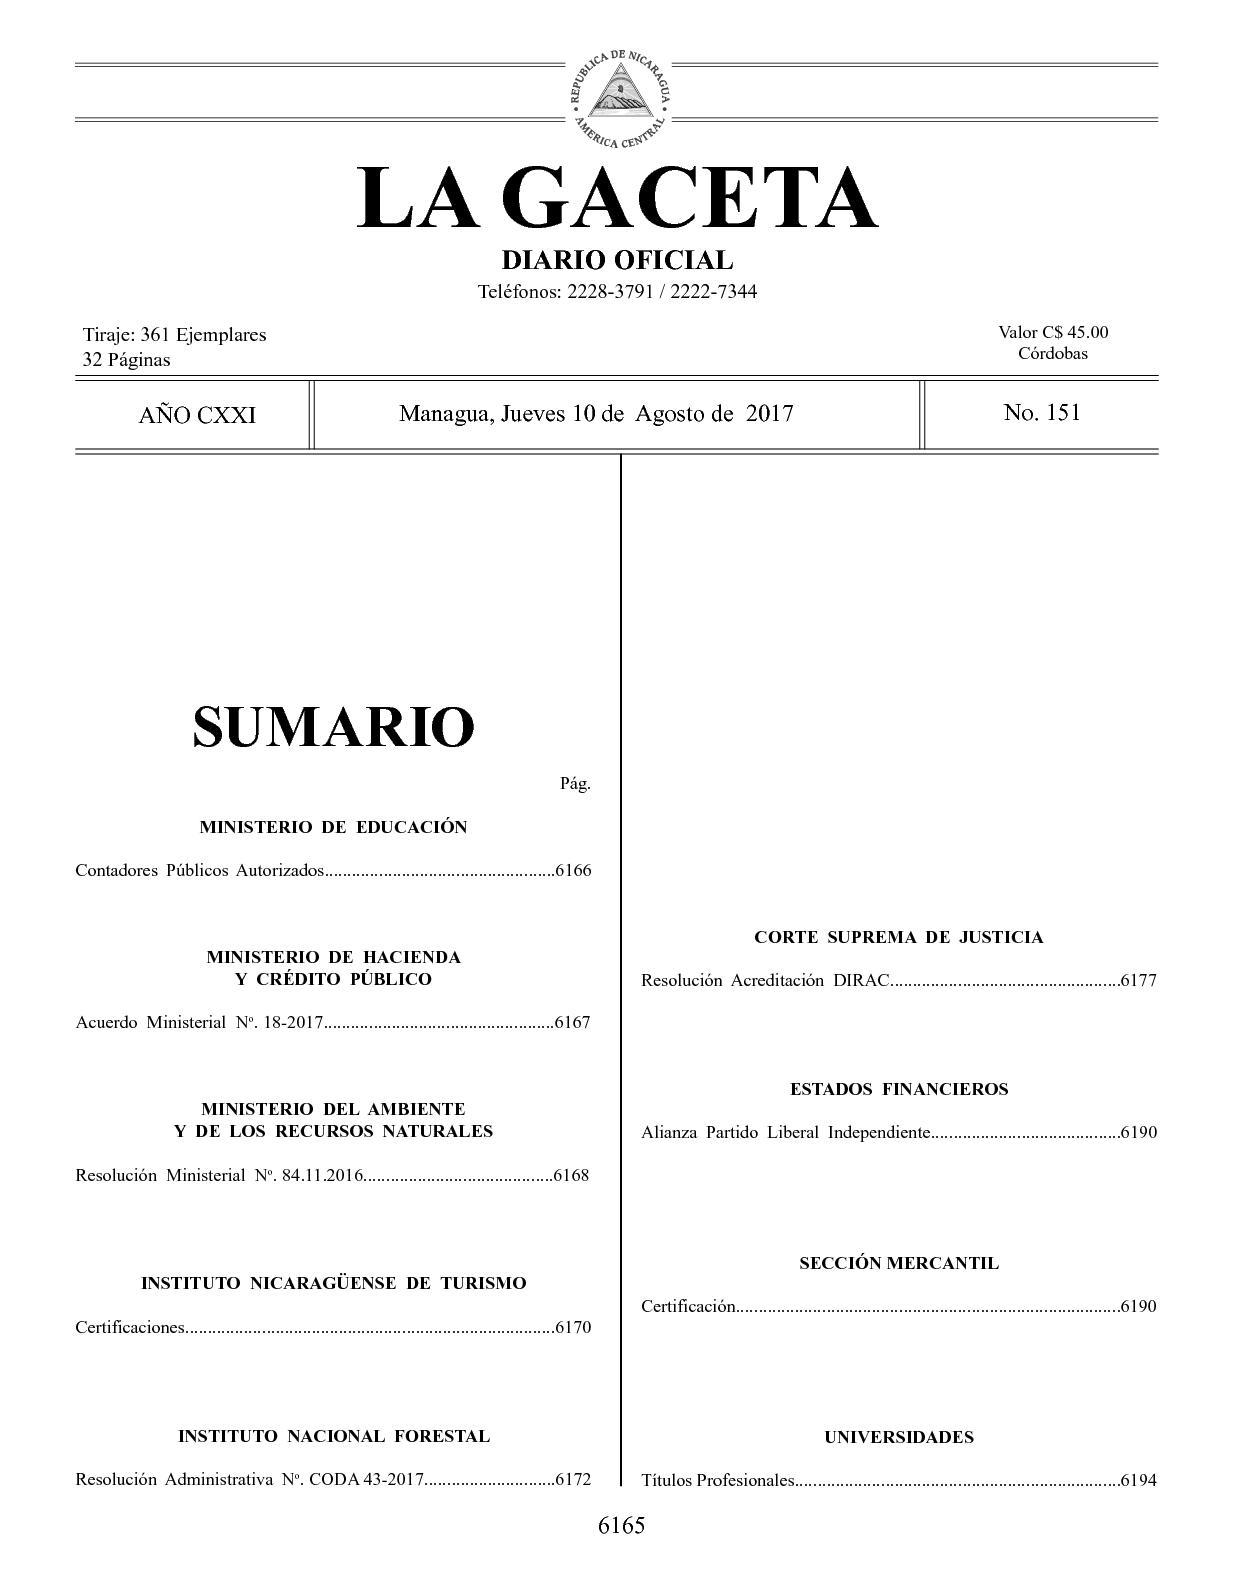 Calaméo - Gaceta No 151 Jueves 10 De Agosto De 2017